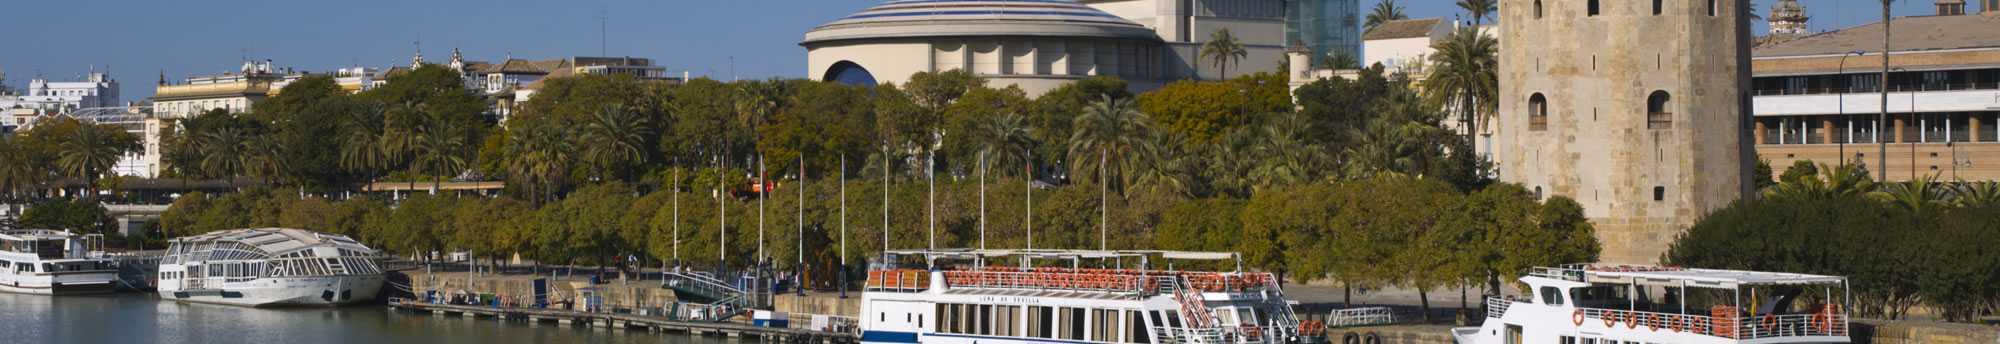 Sevilla y Crucero